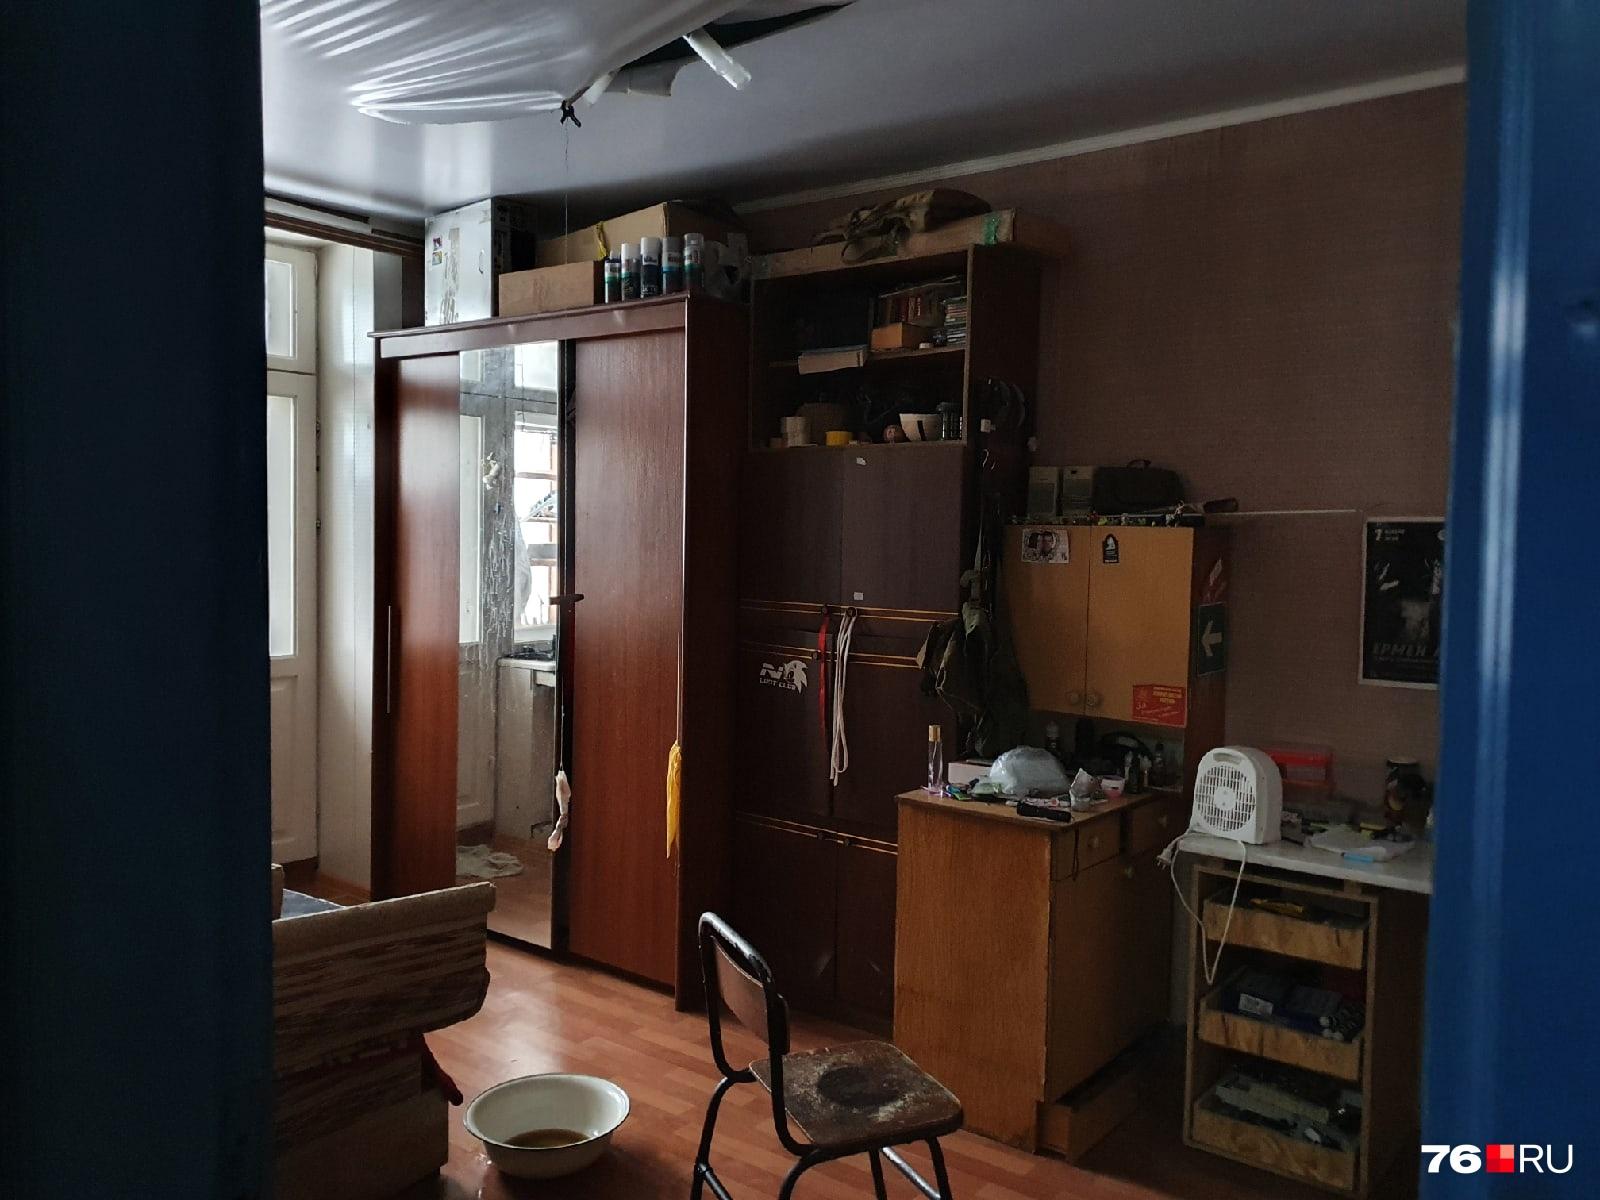 Так выглядит квартира на втором этаже